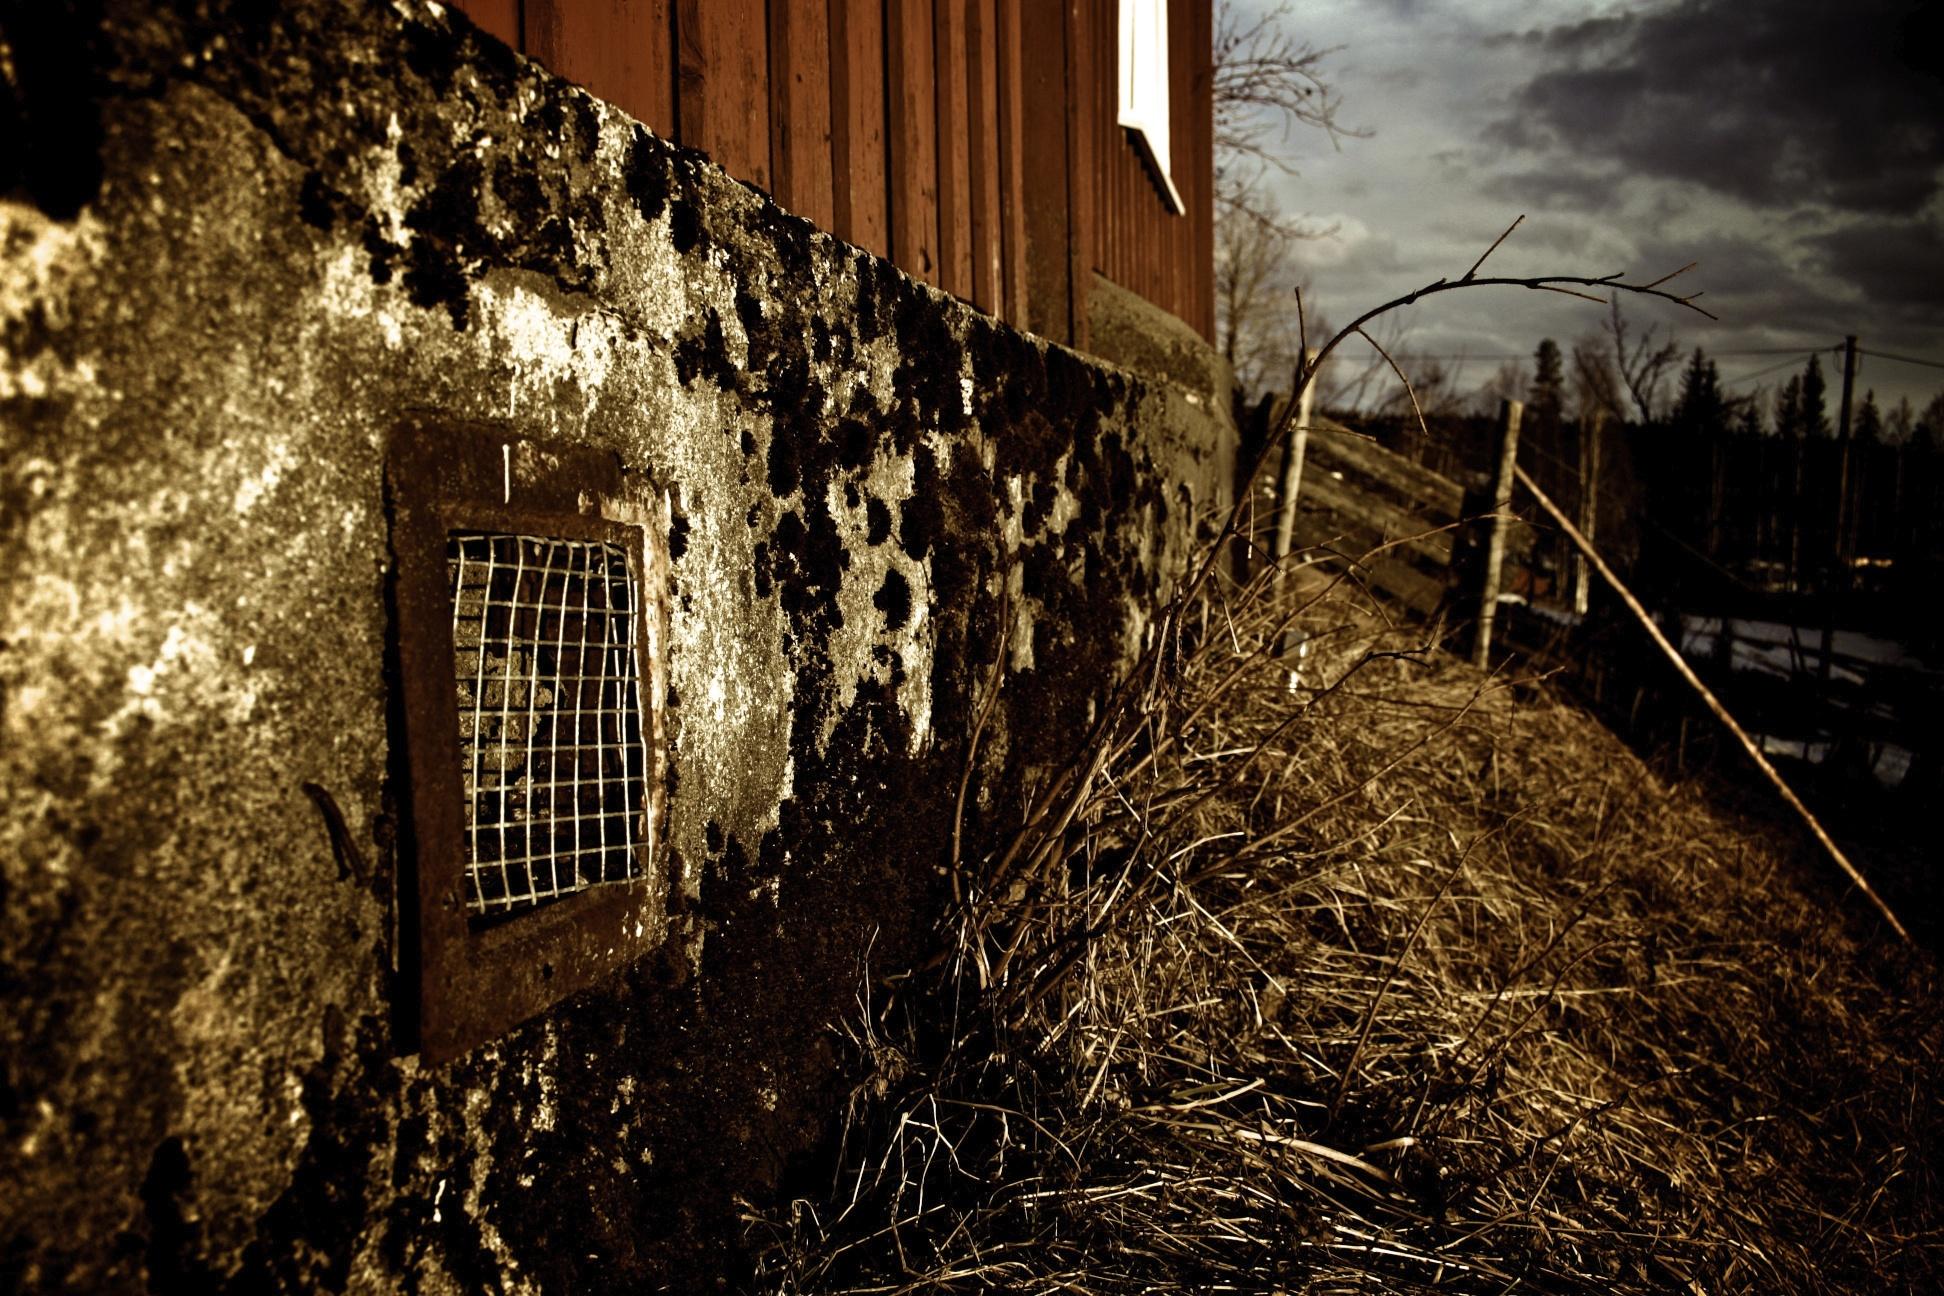 Fondos Vintage De Madera Para Fondo Celular En Hd 11 Hd: 11 HD Rustic Wallpapers